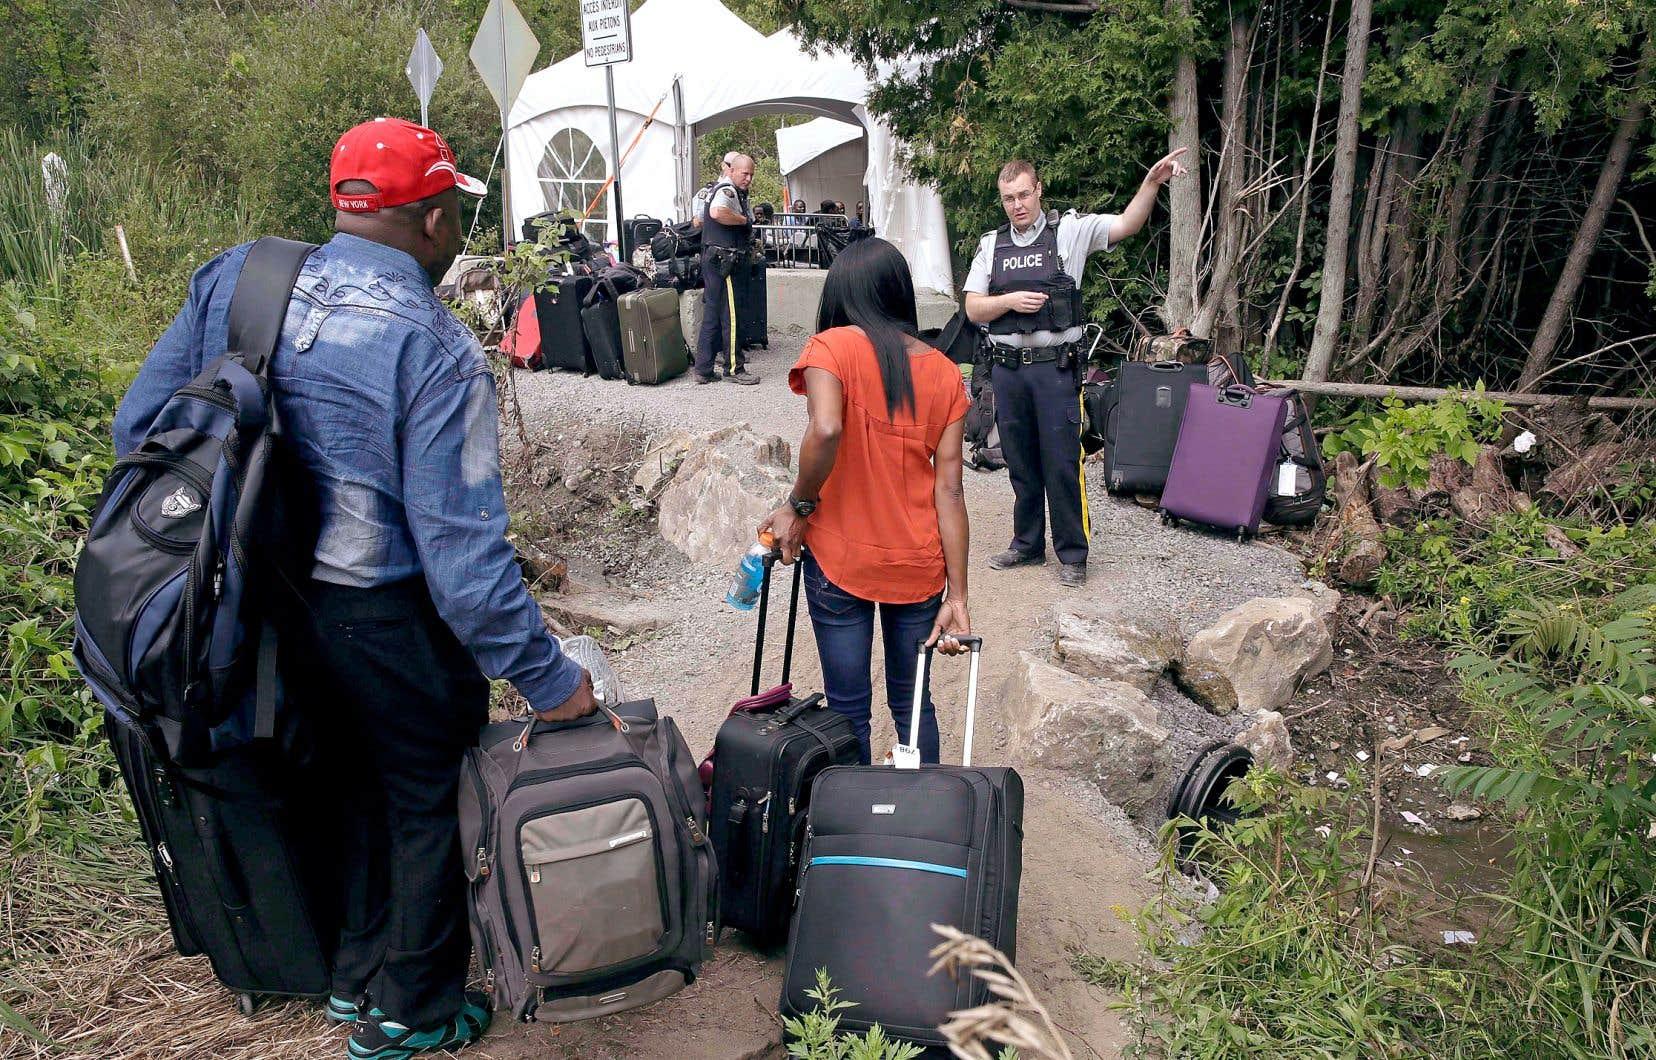 Depuis 2017, plusieurs milliers de demandeurs d'asile ont emprunté le chemin Roxham, à Saint-Bernard-de-Lacolle, en Montérégie, pour venir cogner aux portes du Québec.